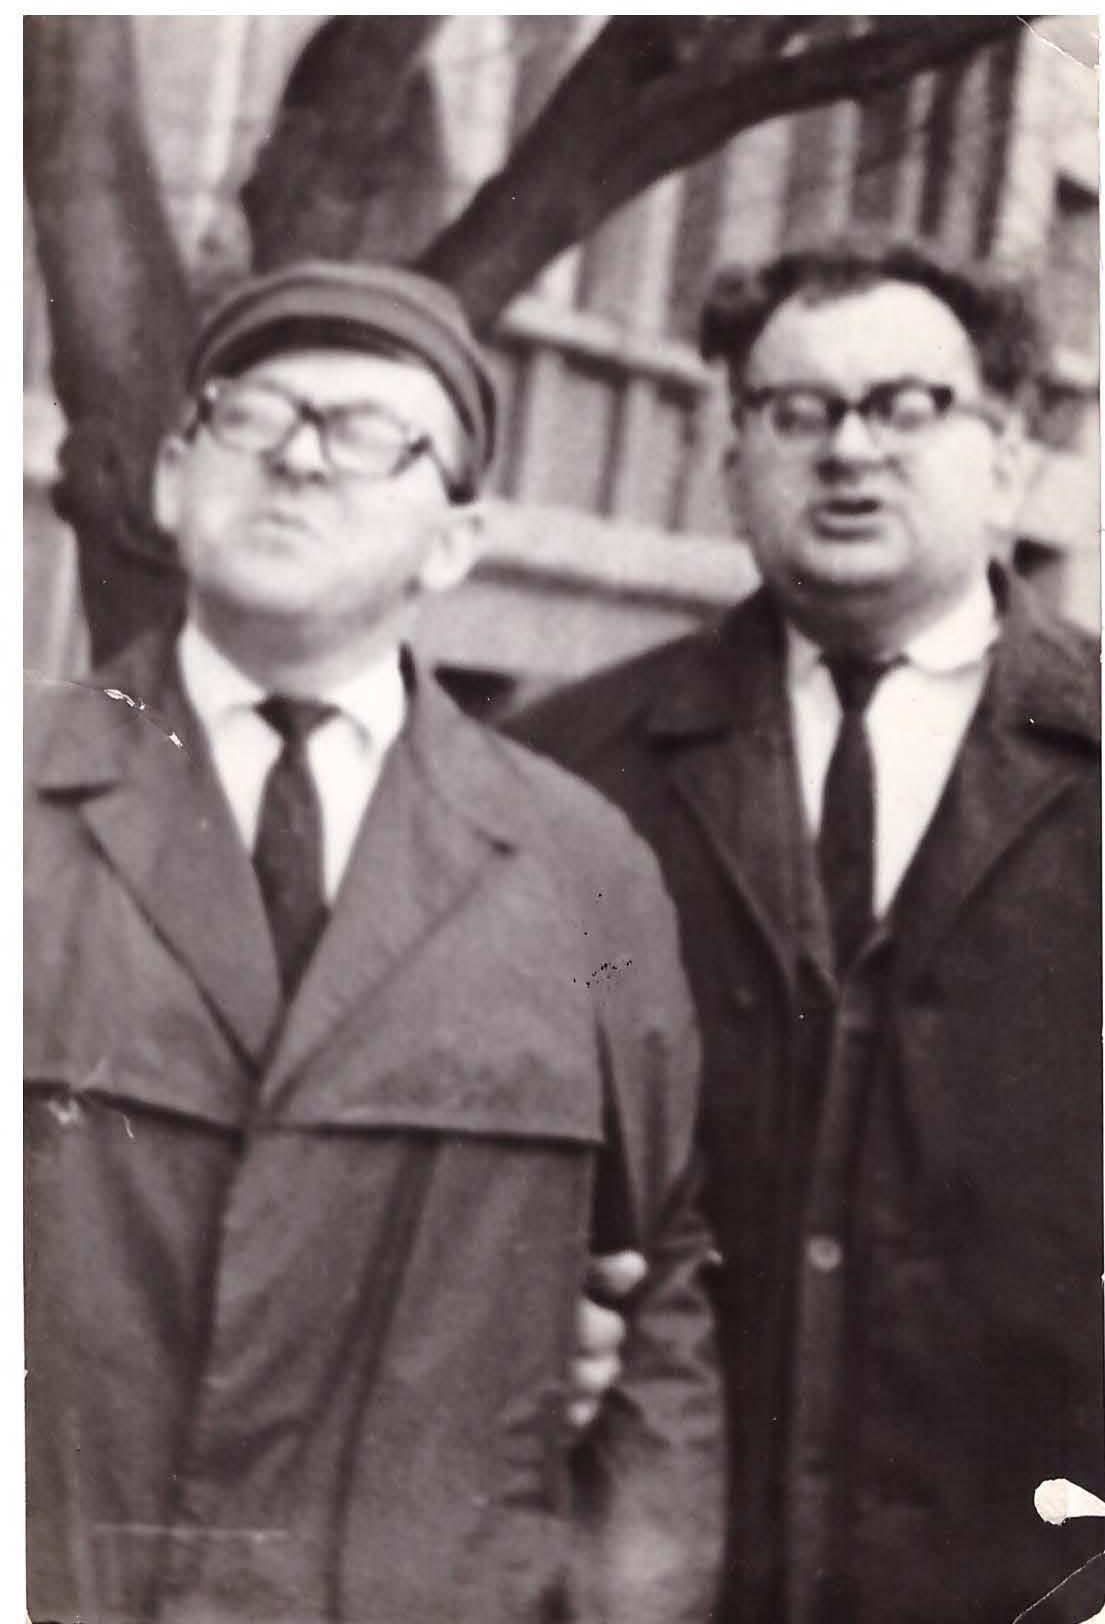 Dėstytojai. Sigitas krivickas (iš kairės) ir Viktoras Žeimantas   Nuotr. iš asmeninio archyvo